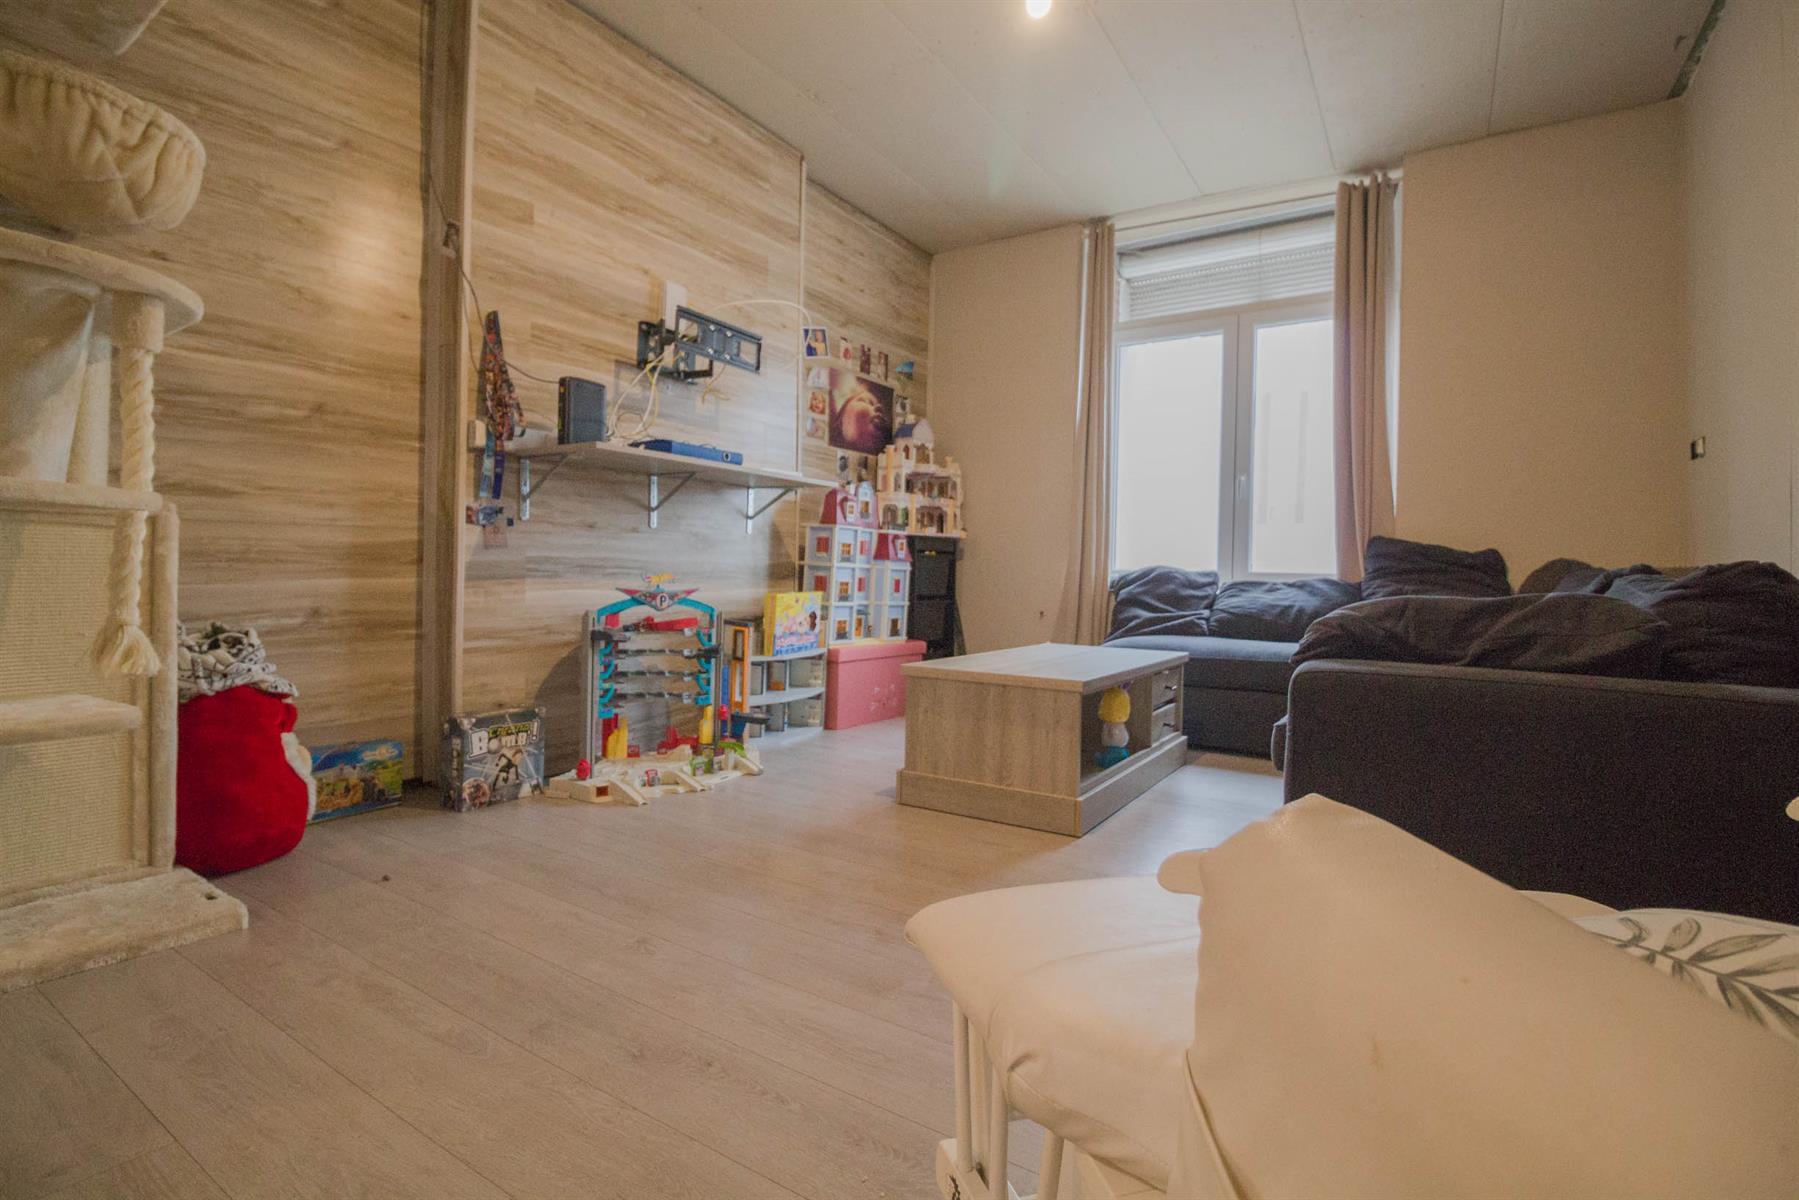 Maison - Trazegnies - #4275510-3